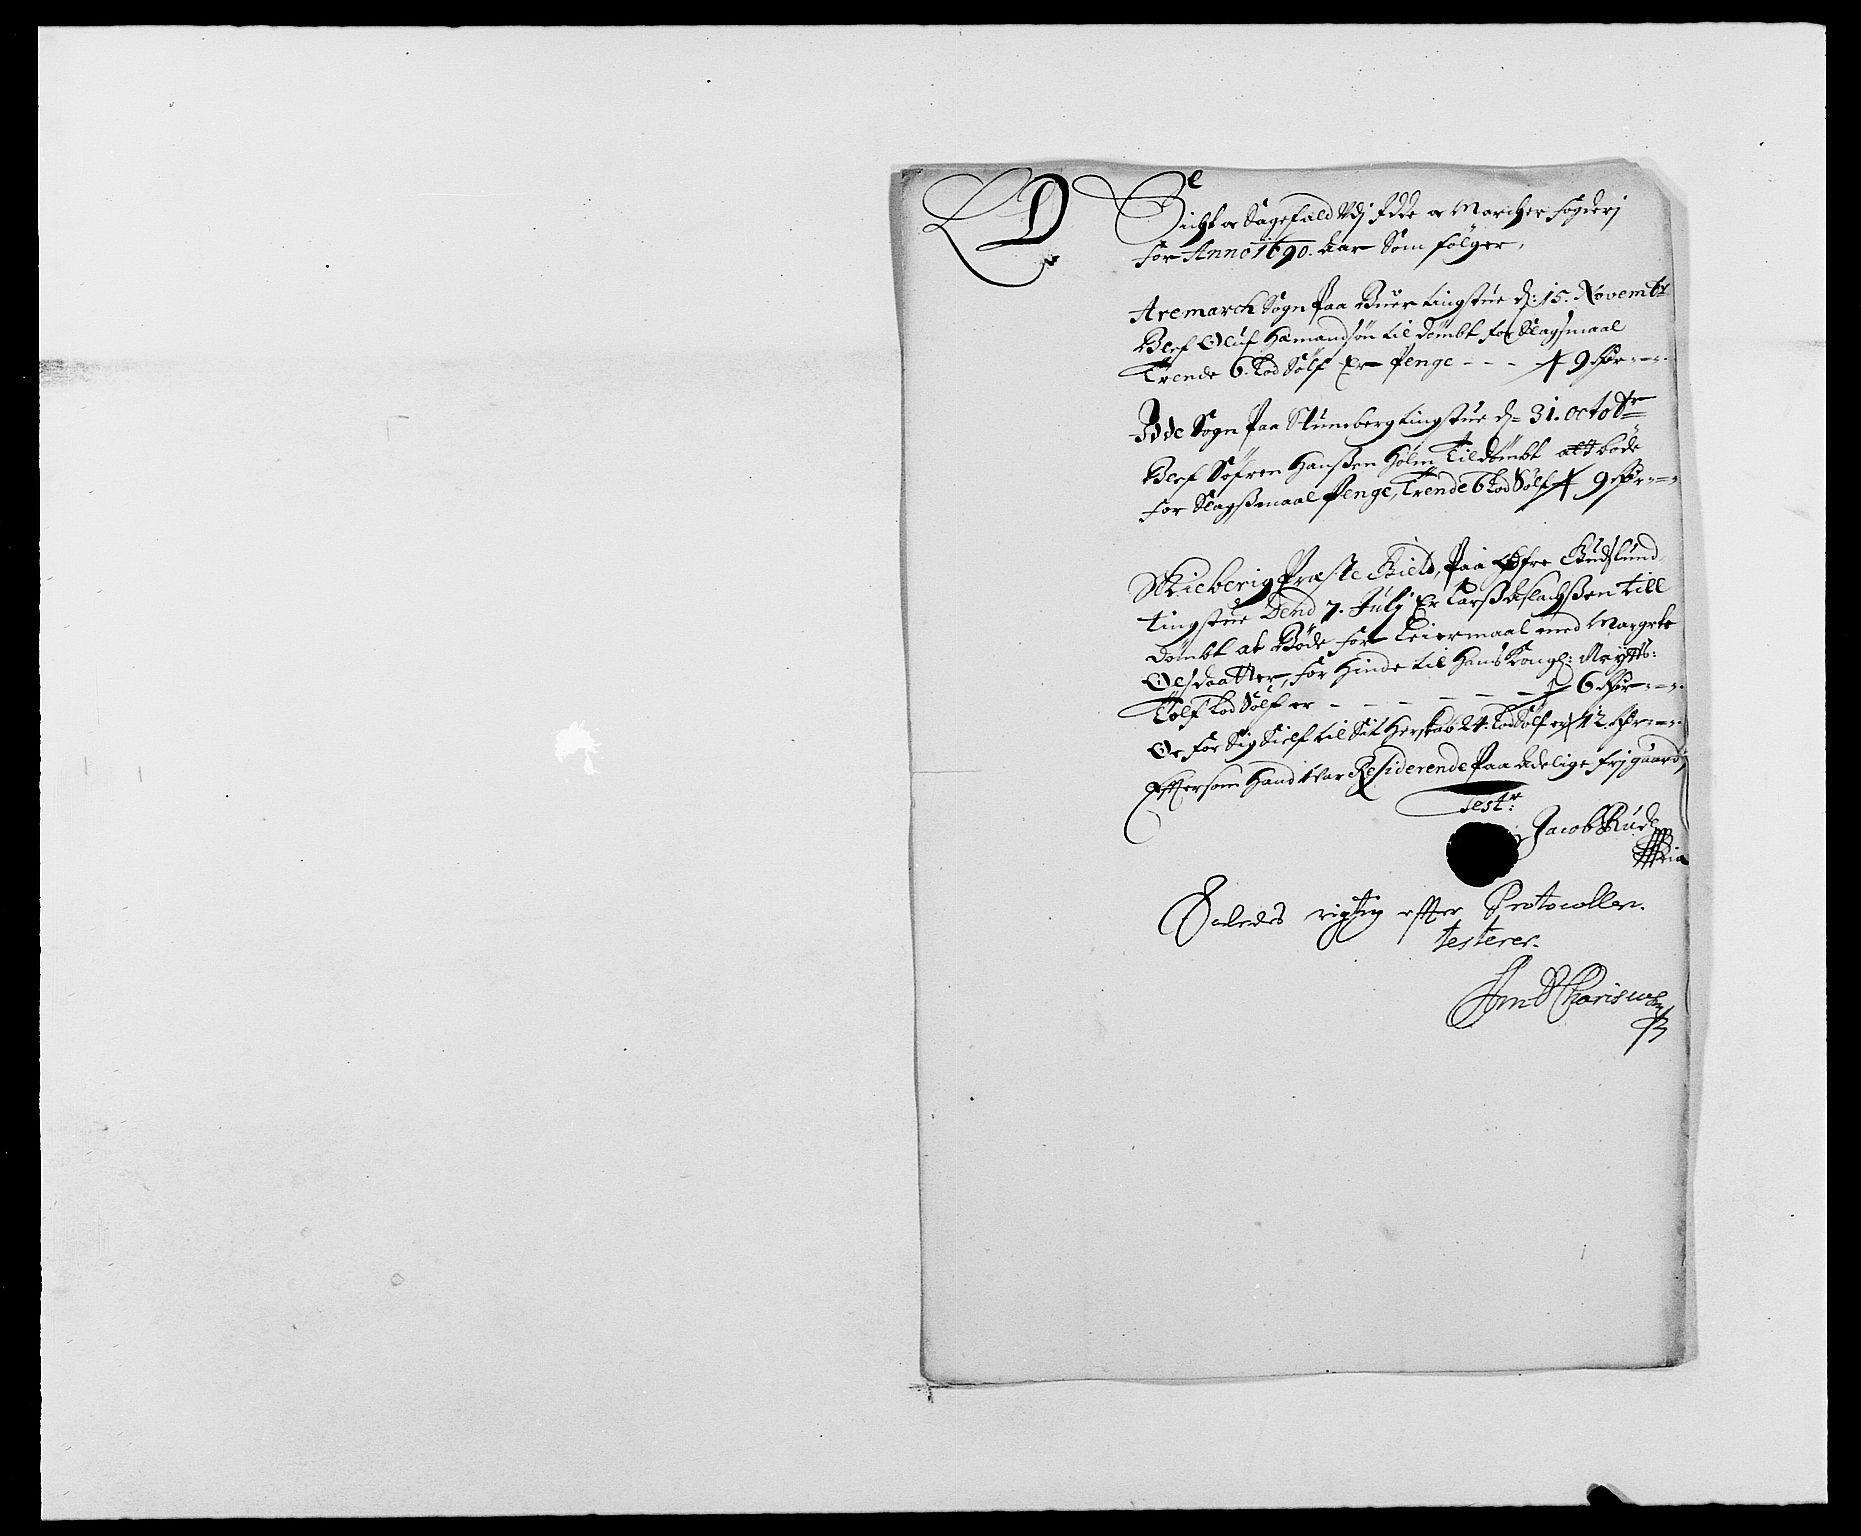 RA, Rentekammeret inntil 1814, Reviderte regnskaper, Fogderegnskap, R01/L0010: Fogderegnskap Idd og Marker, 1690-1691, p. 199